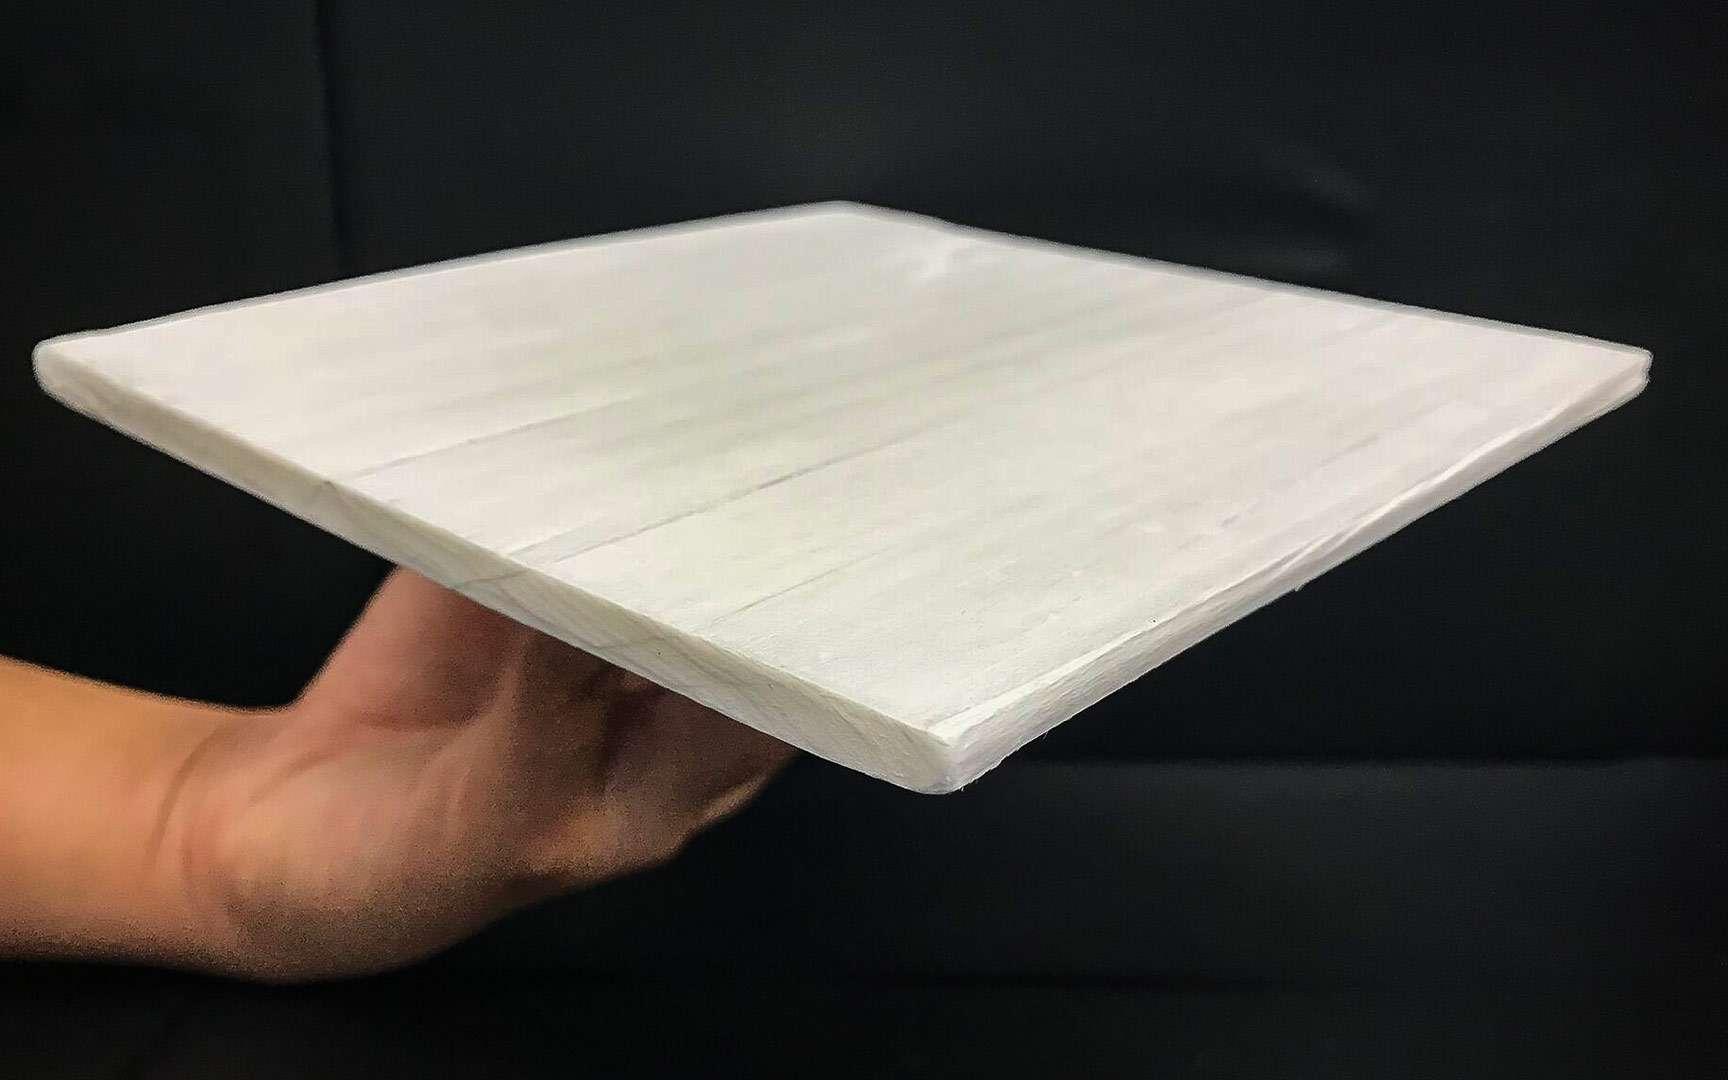 Le bois refroidissant est beaucoup plus blanc que le bois naturel afin de réfléchir la lumière. © Liangbing Hu, Université du Maryland